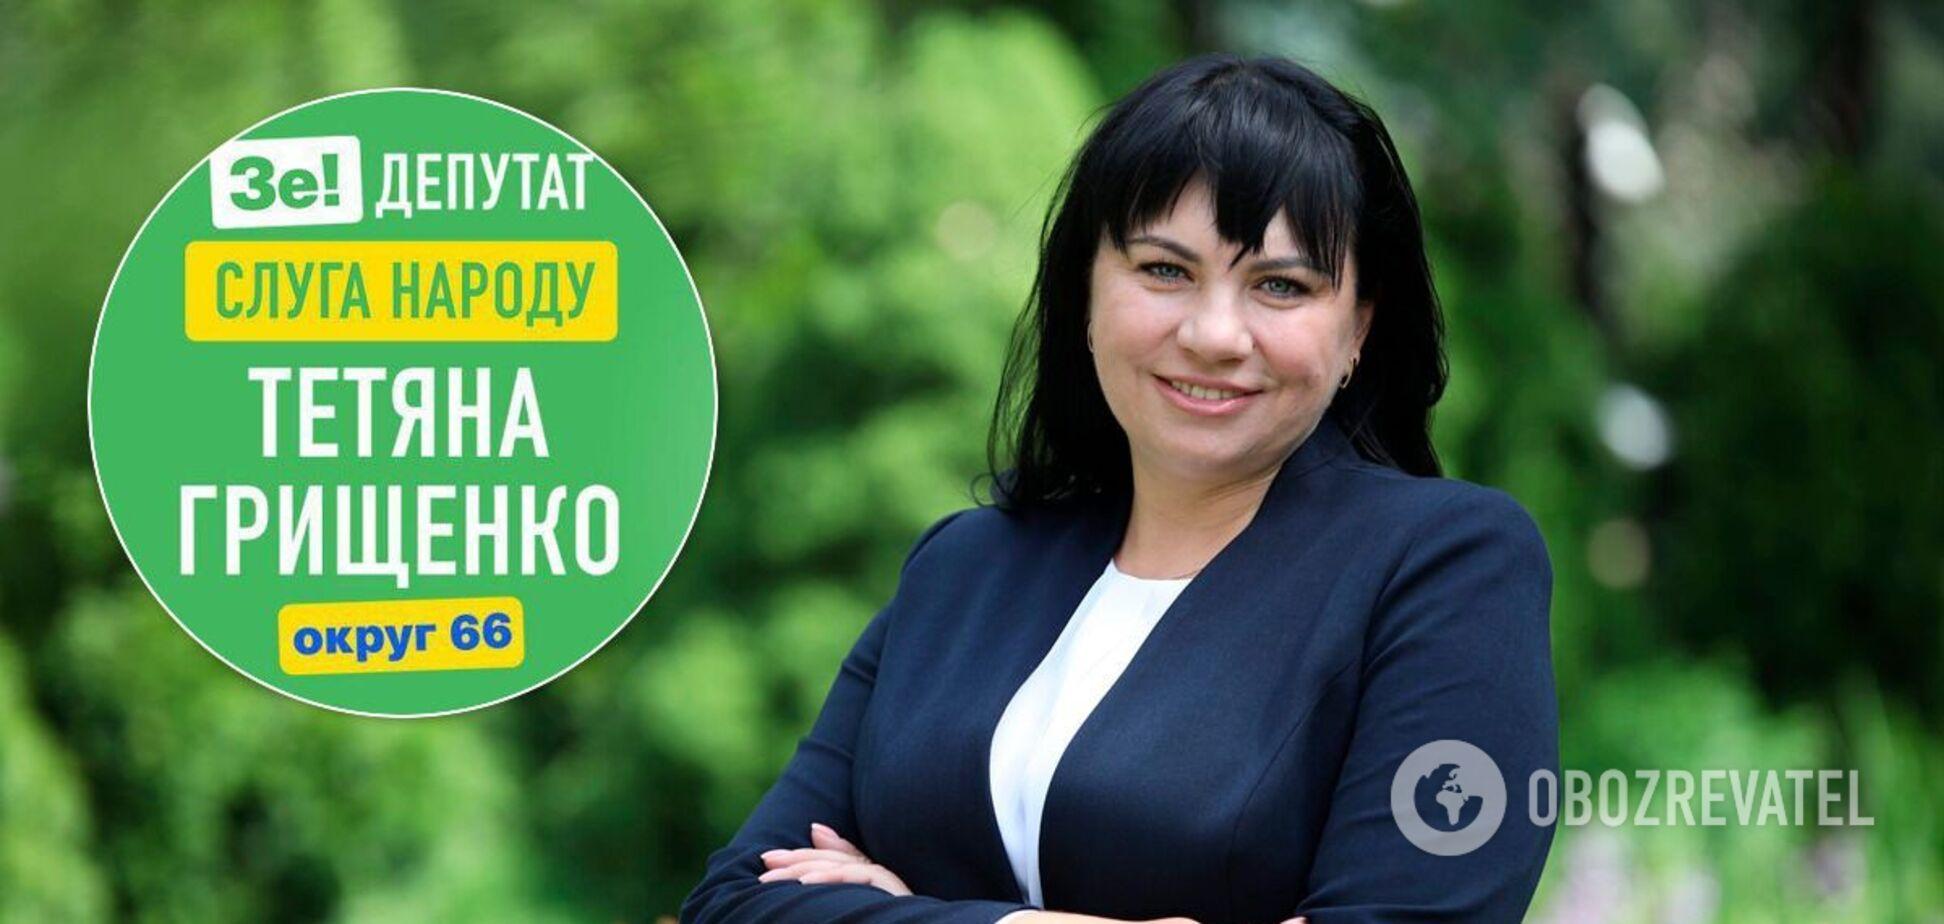 'Слуга народа' Татьяна Грищенко